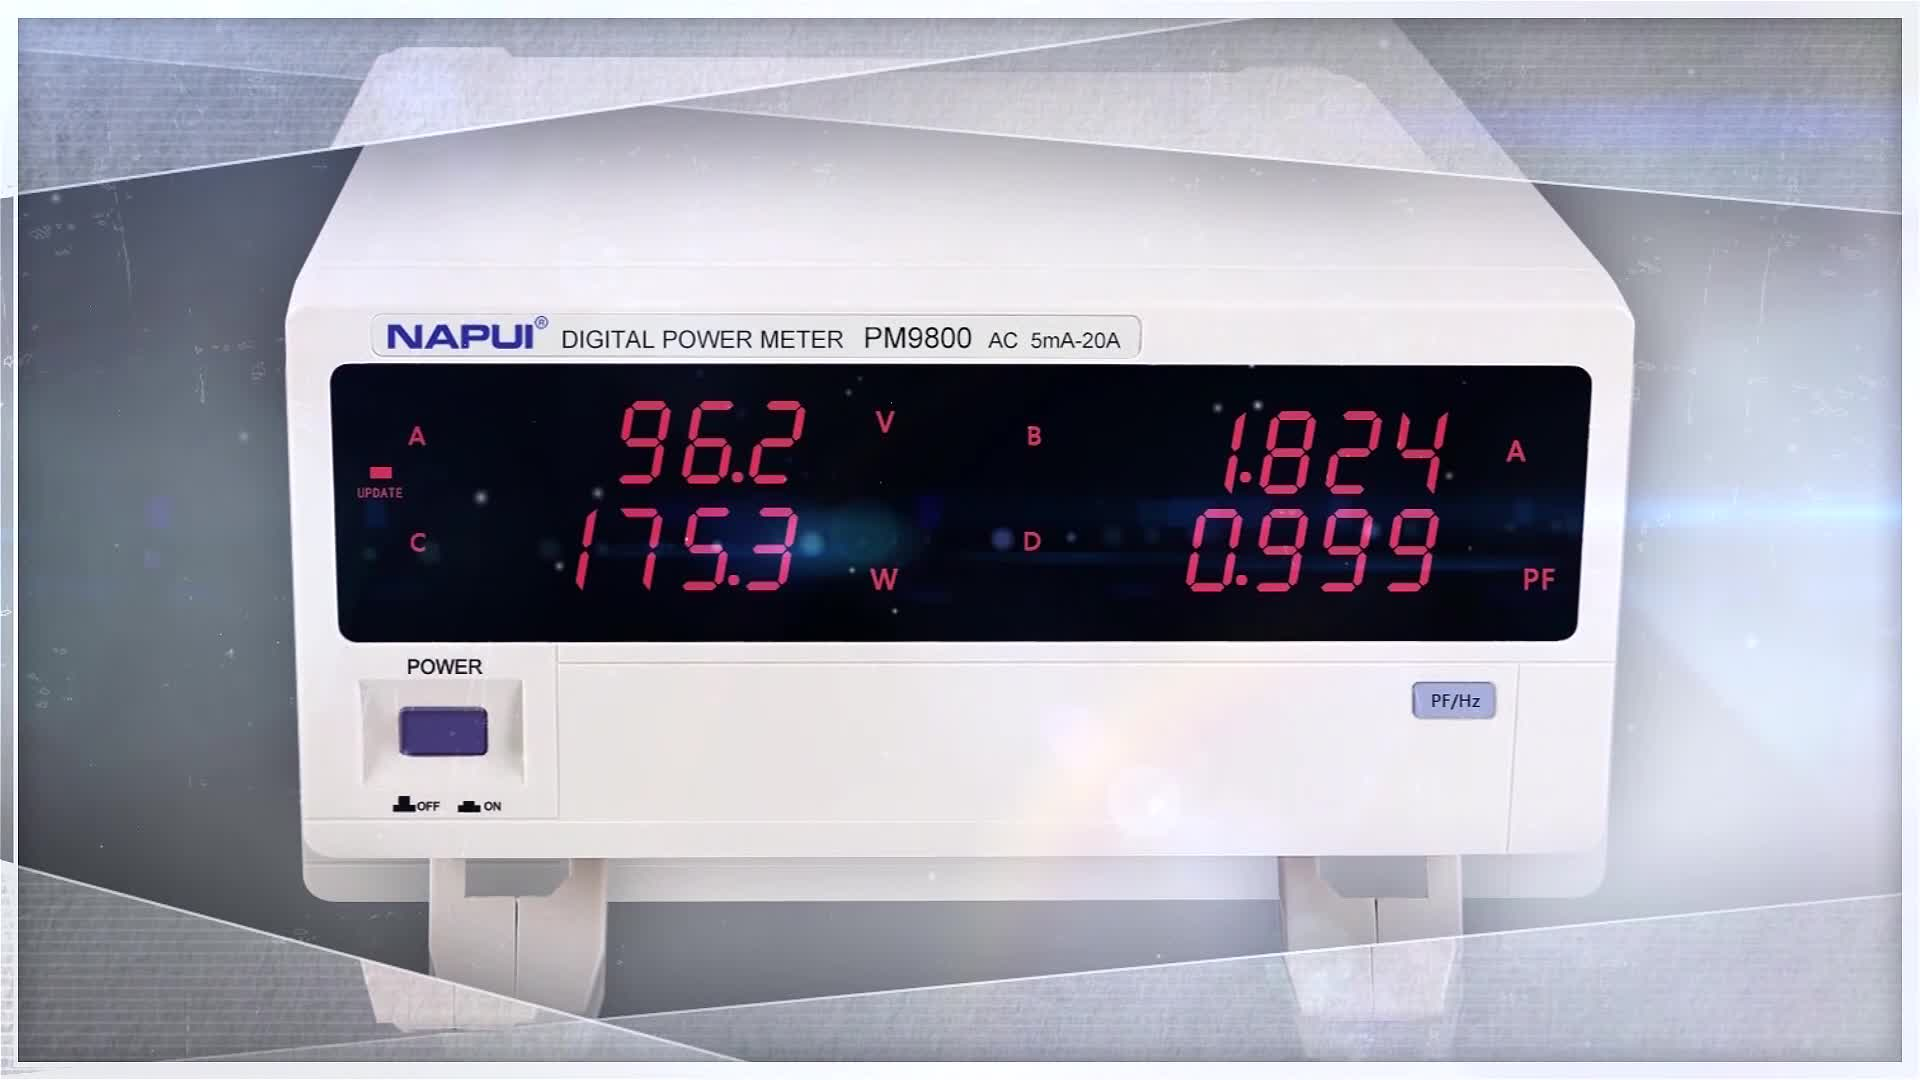 厂家直销纳普科技数字功率计PM98系列产品视频分享